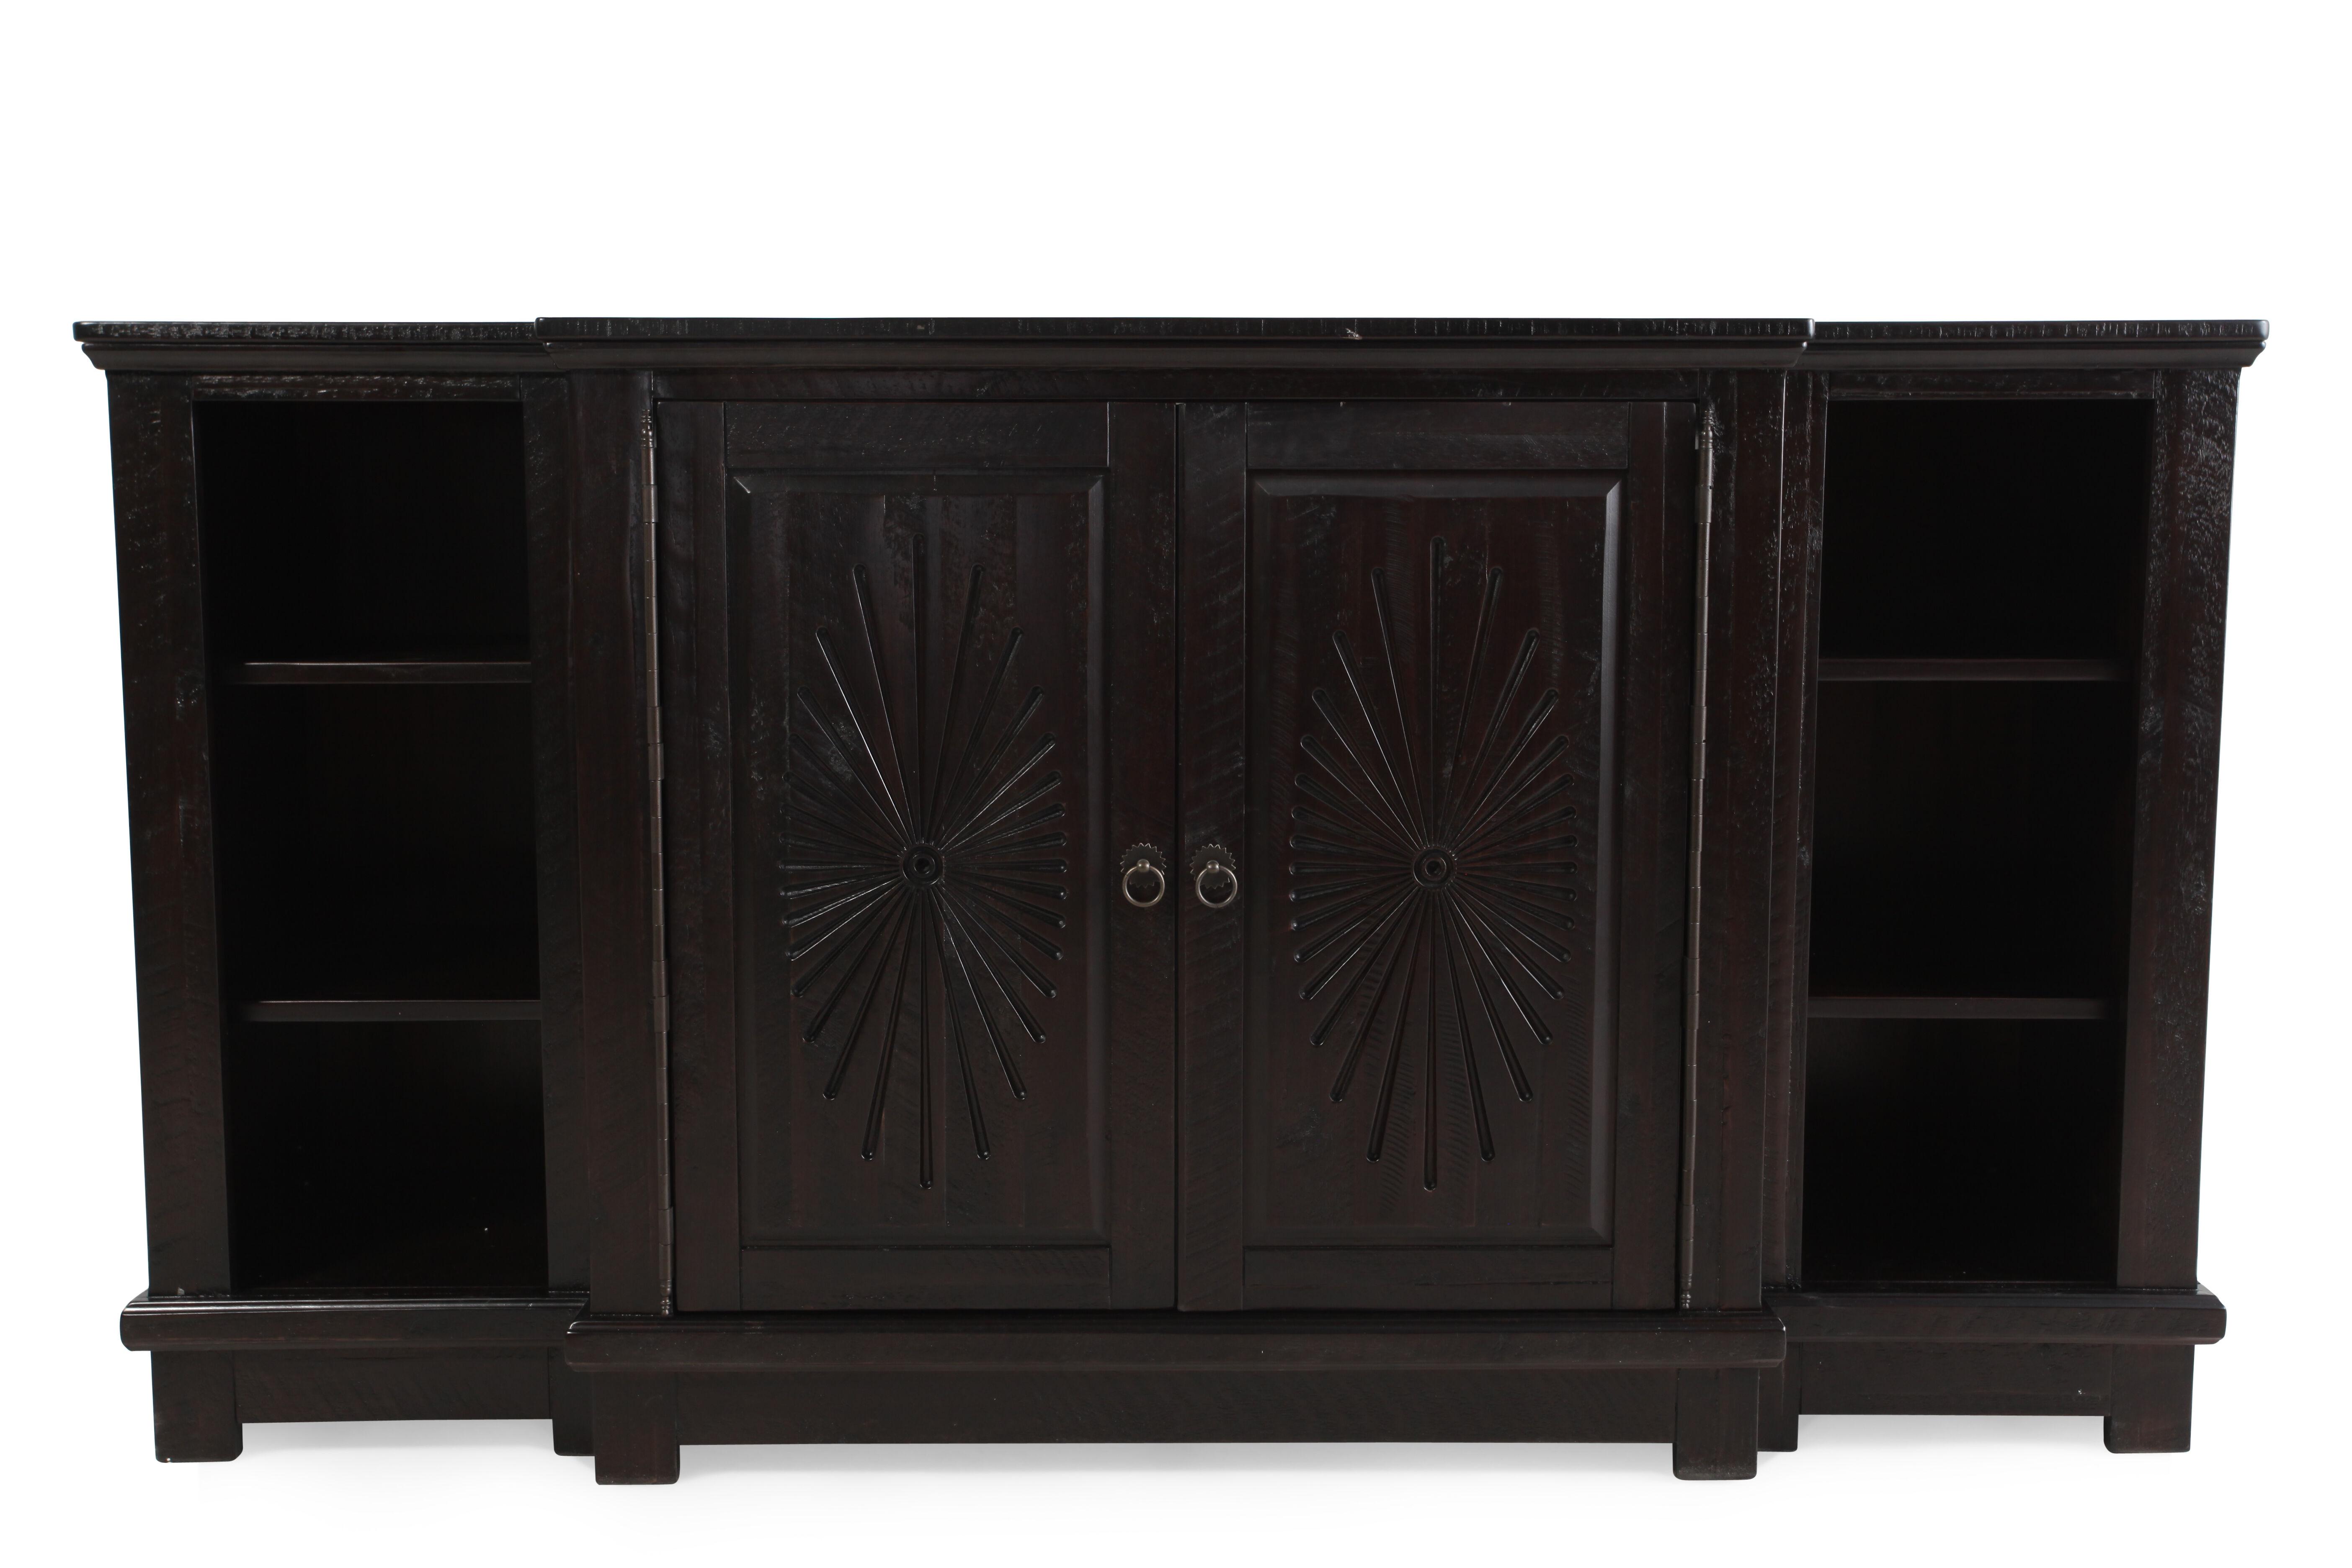 Credenza Dark : Three drawer contemporary tv credenza in dark oak mathis